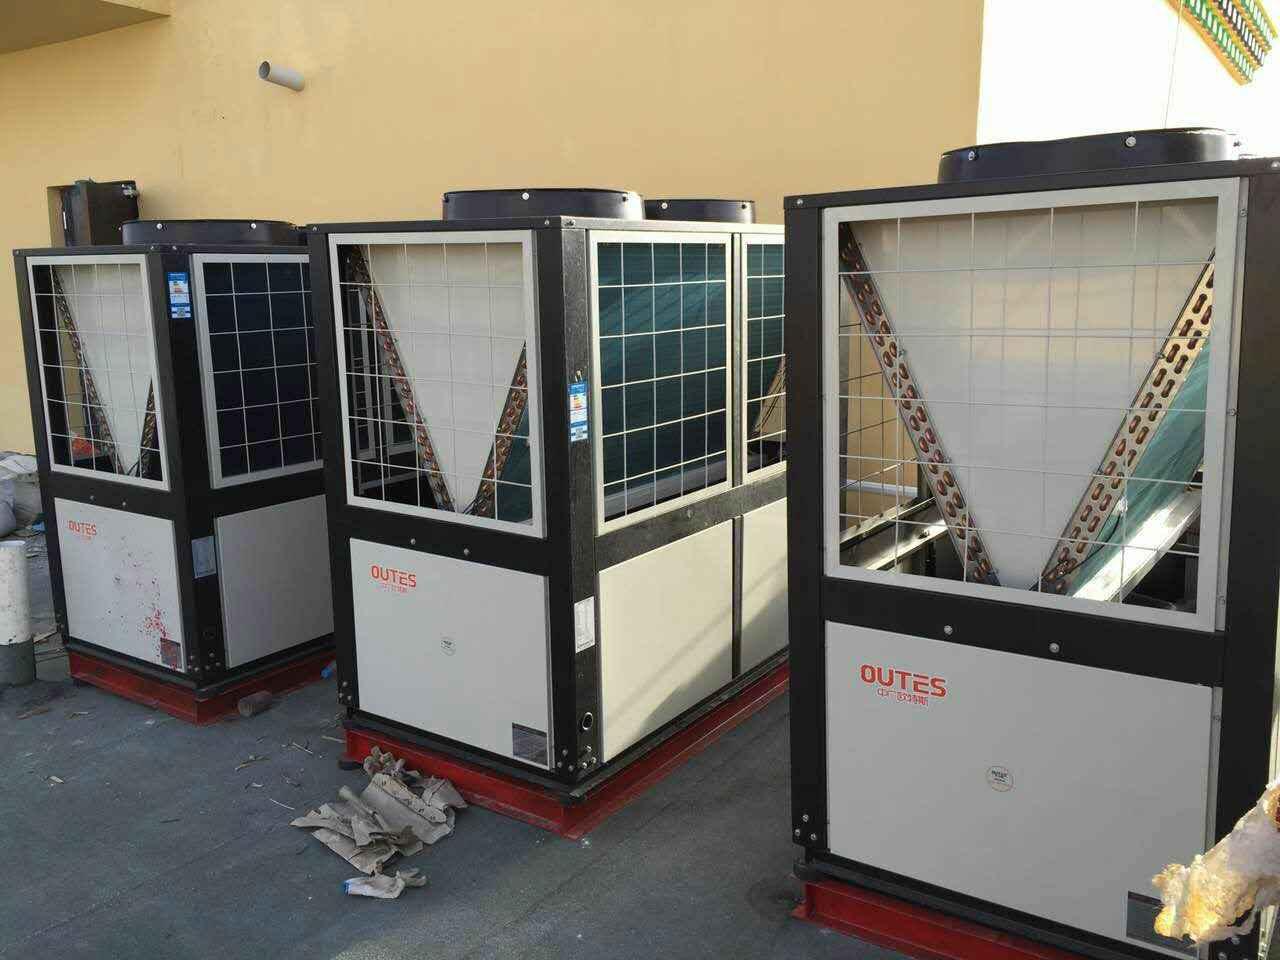 甘肃空气源热泵-恒旭新能源空气源热泵销量怎么样